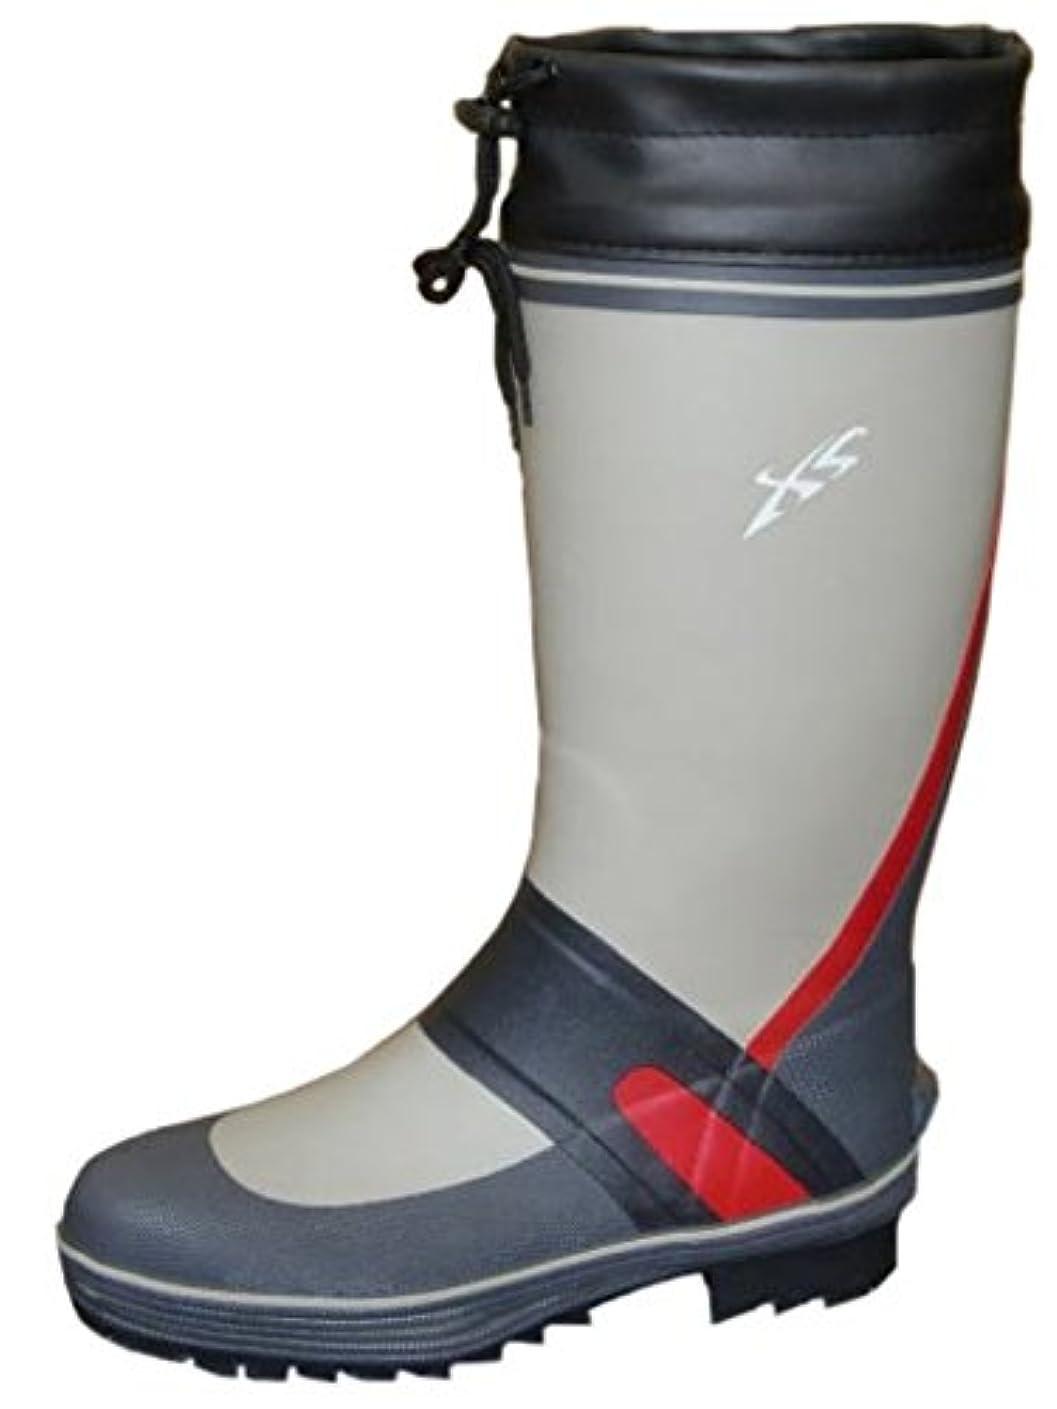 フィードバック日帰り旅行にリゾートX'SELL(エクセル) LF-216 ラジアルブーツ 長靴 レインブーツ